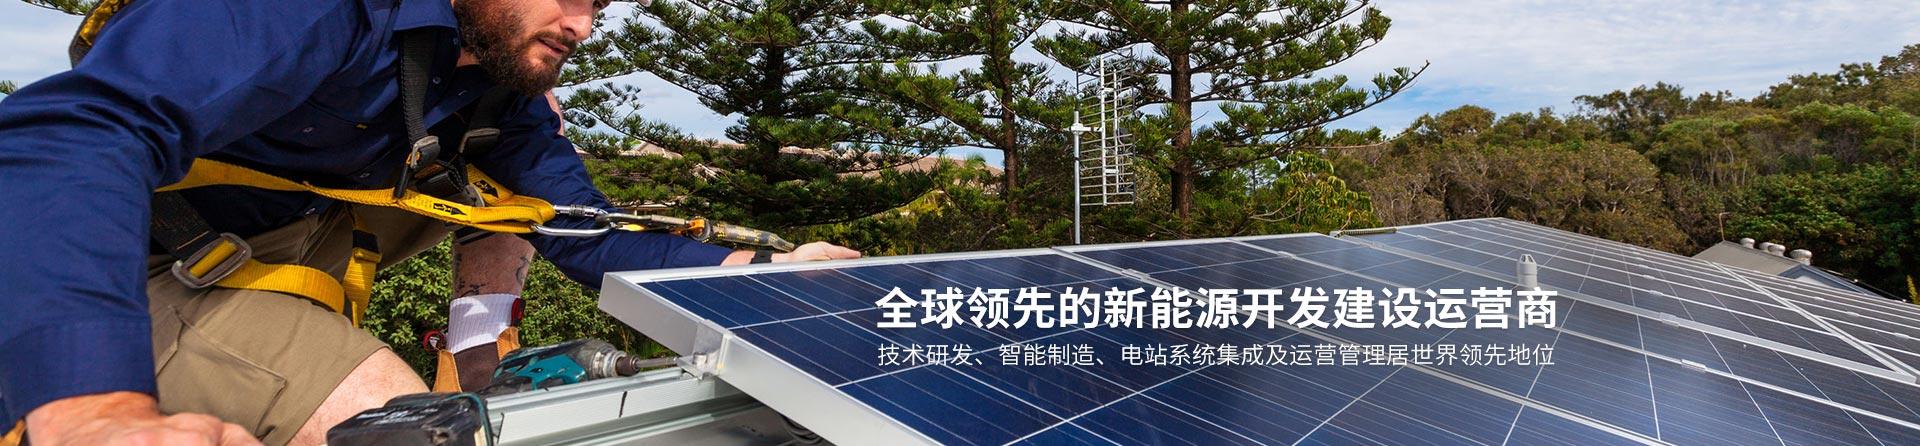 全球领先的新能源开发建设运营商